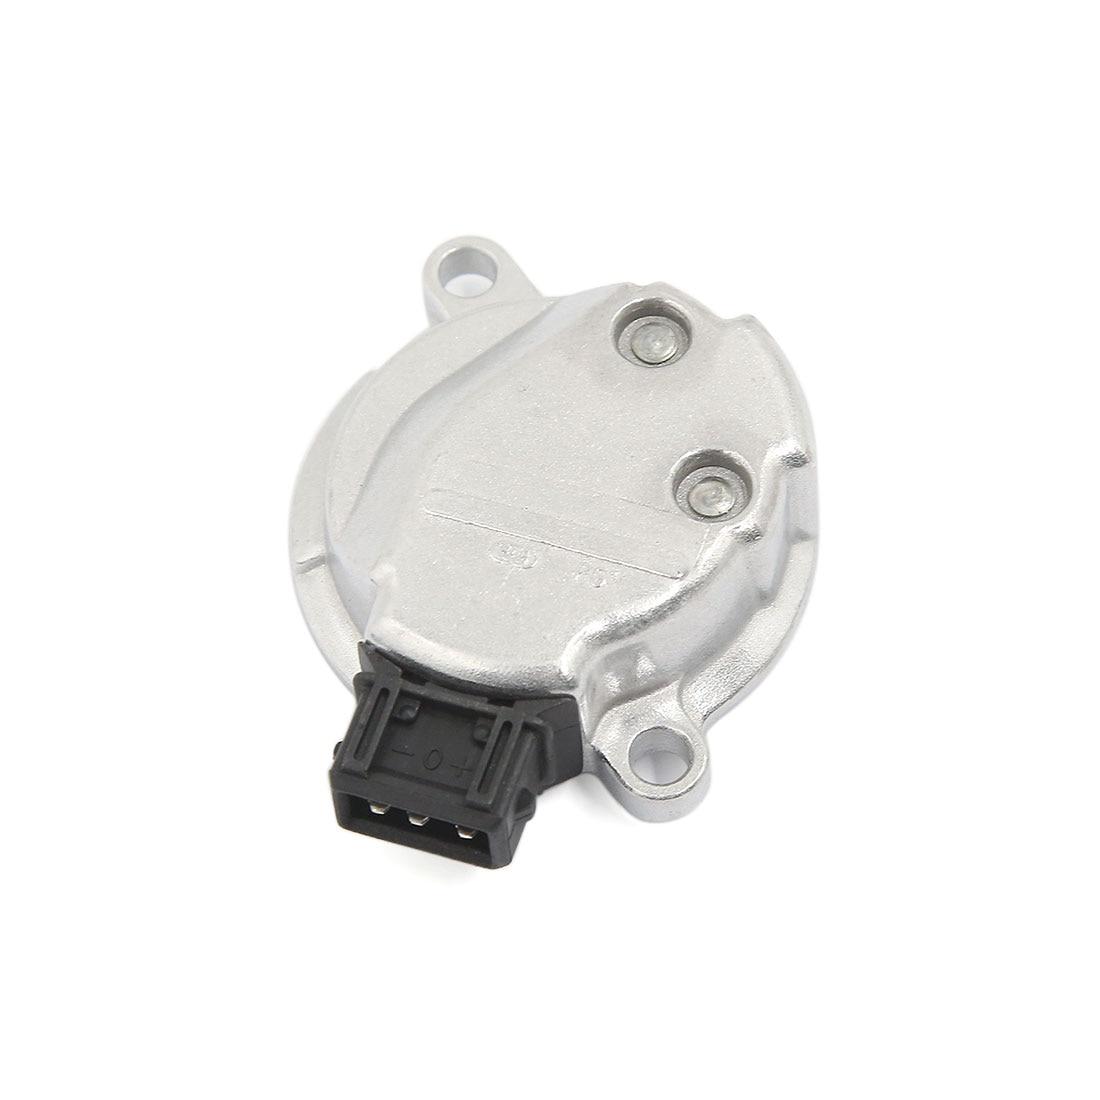 UXCELL New Engine Camshaft Cam Shaft Position Sensor Cps